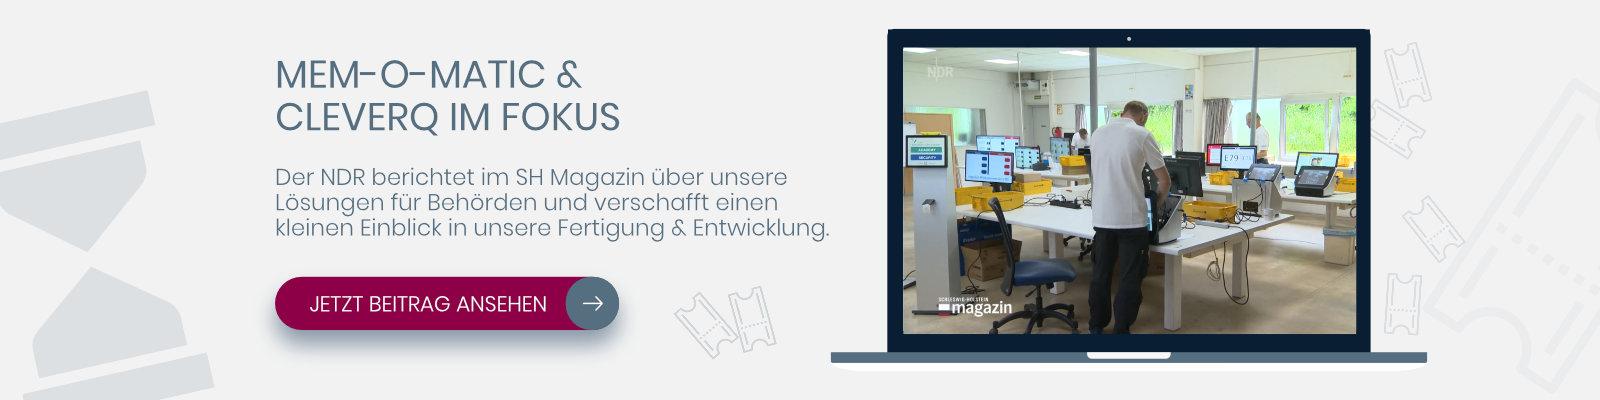 NDR Berichtet über Memomatic und cleverQ